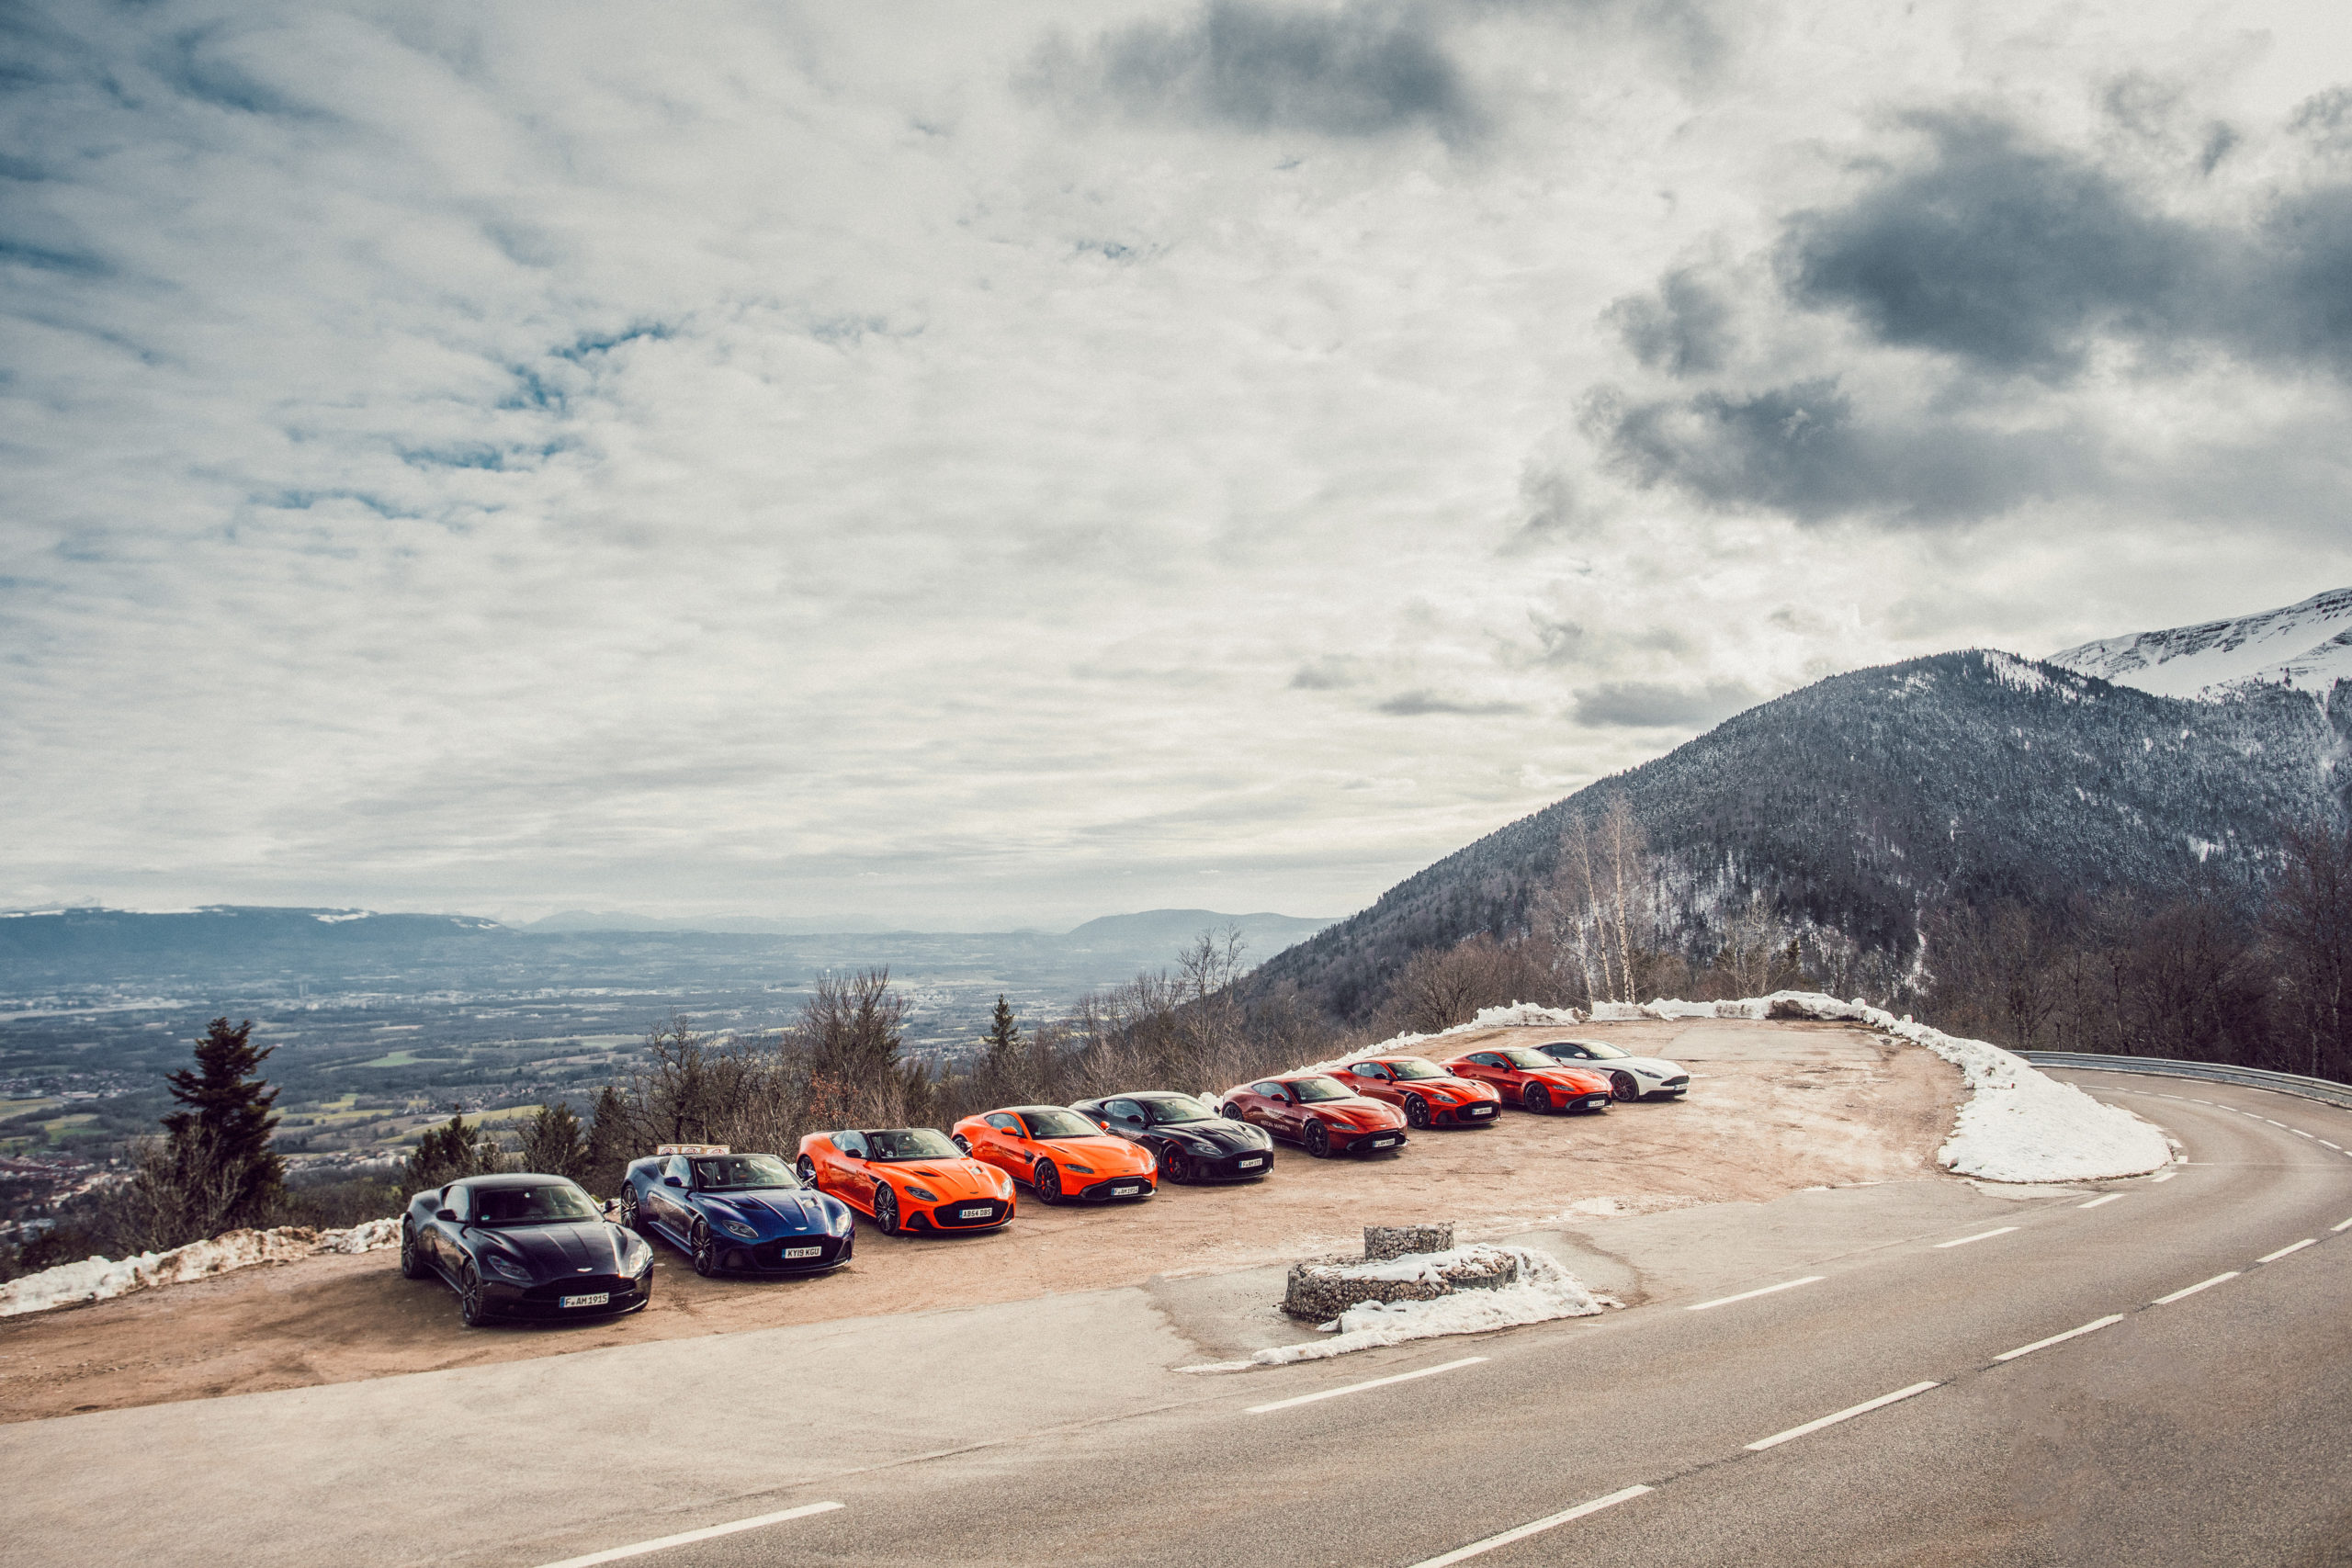 Roter Aston Martin Geneva in einer Reihe in den Bergen